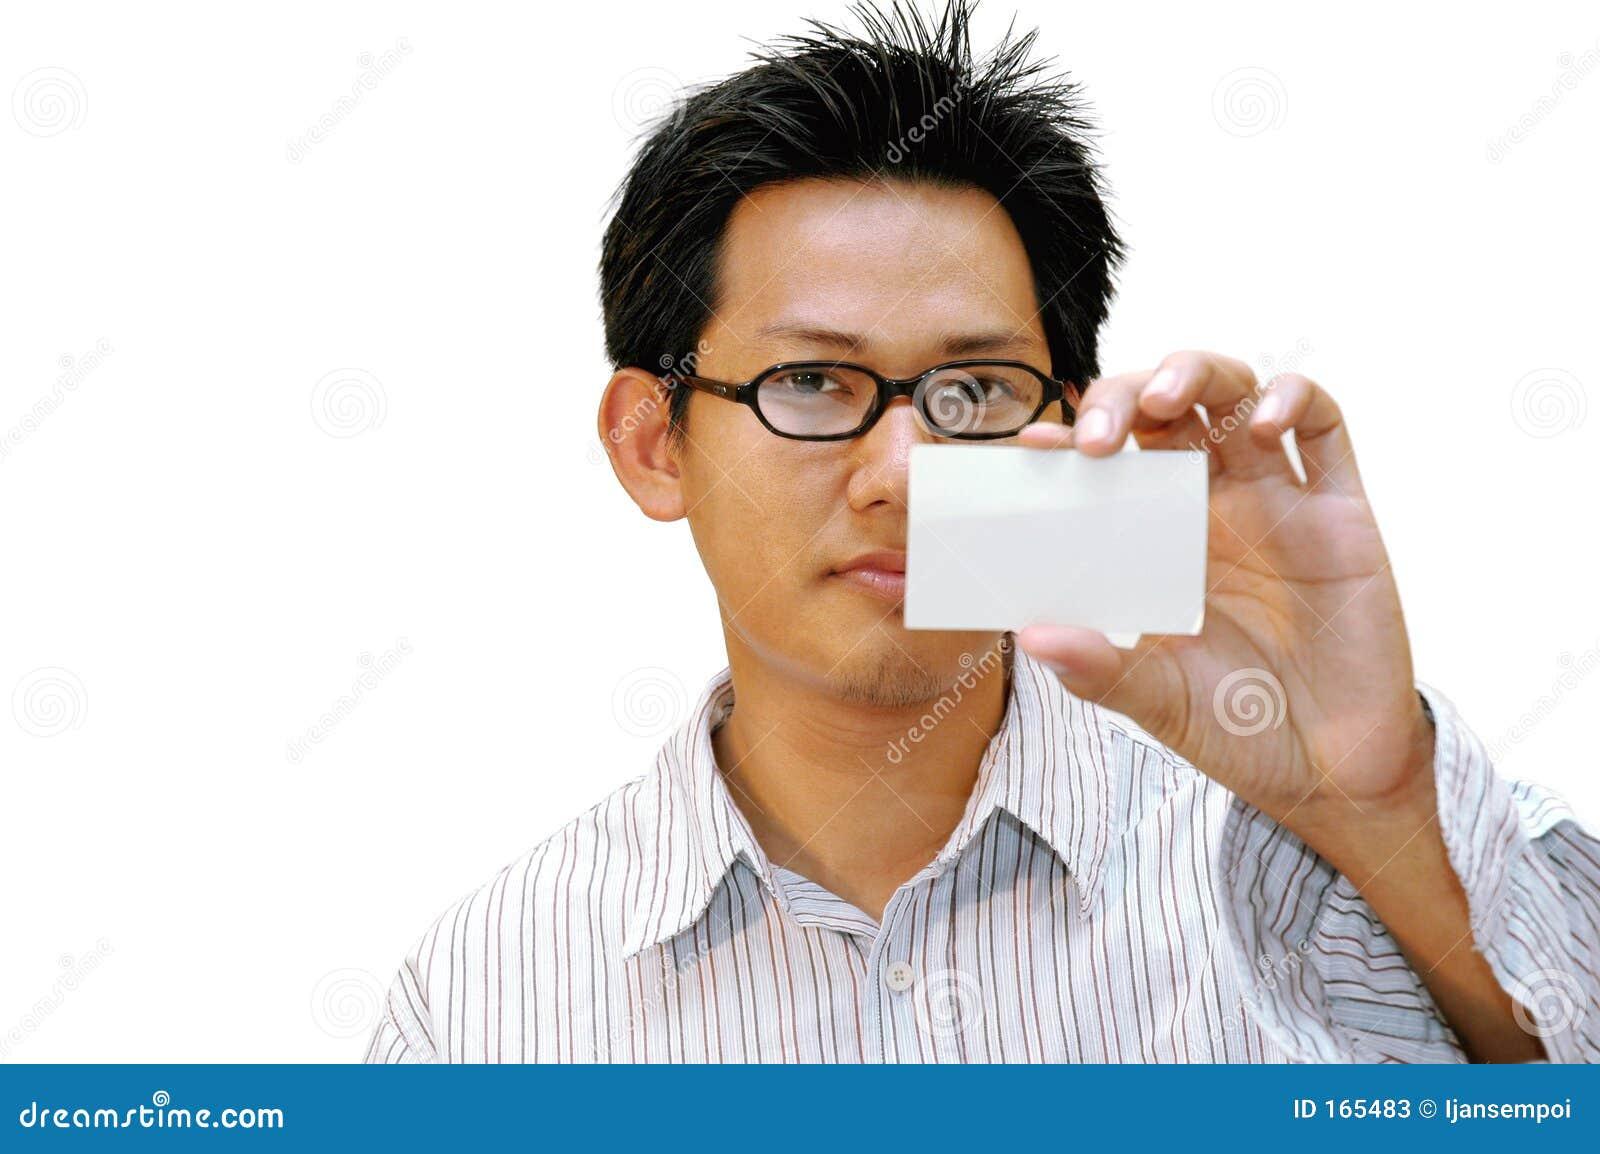 我这里的看板卡